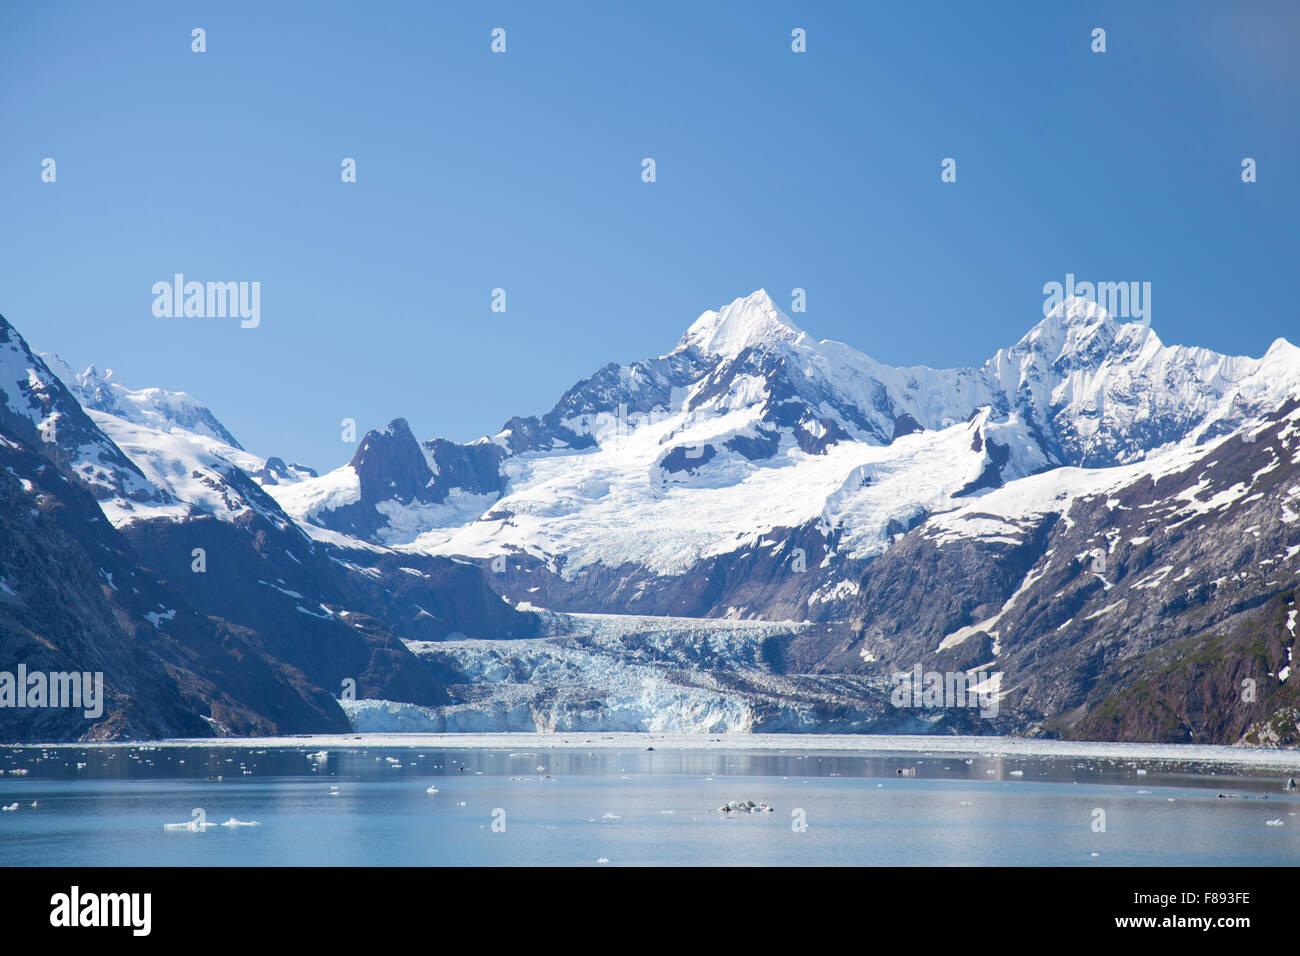 Glacier Bay Park in Alaska - Stock Image